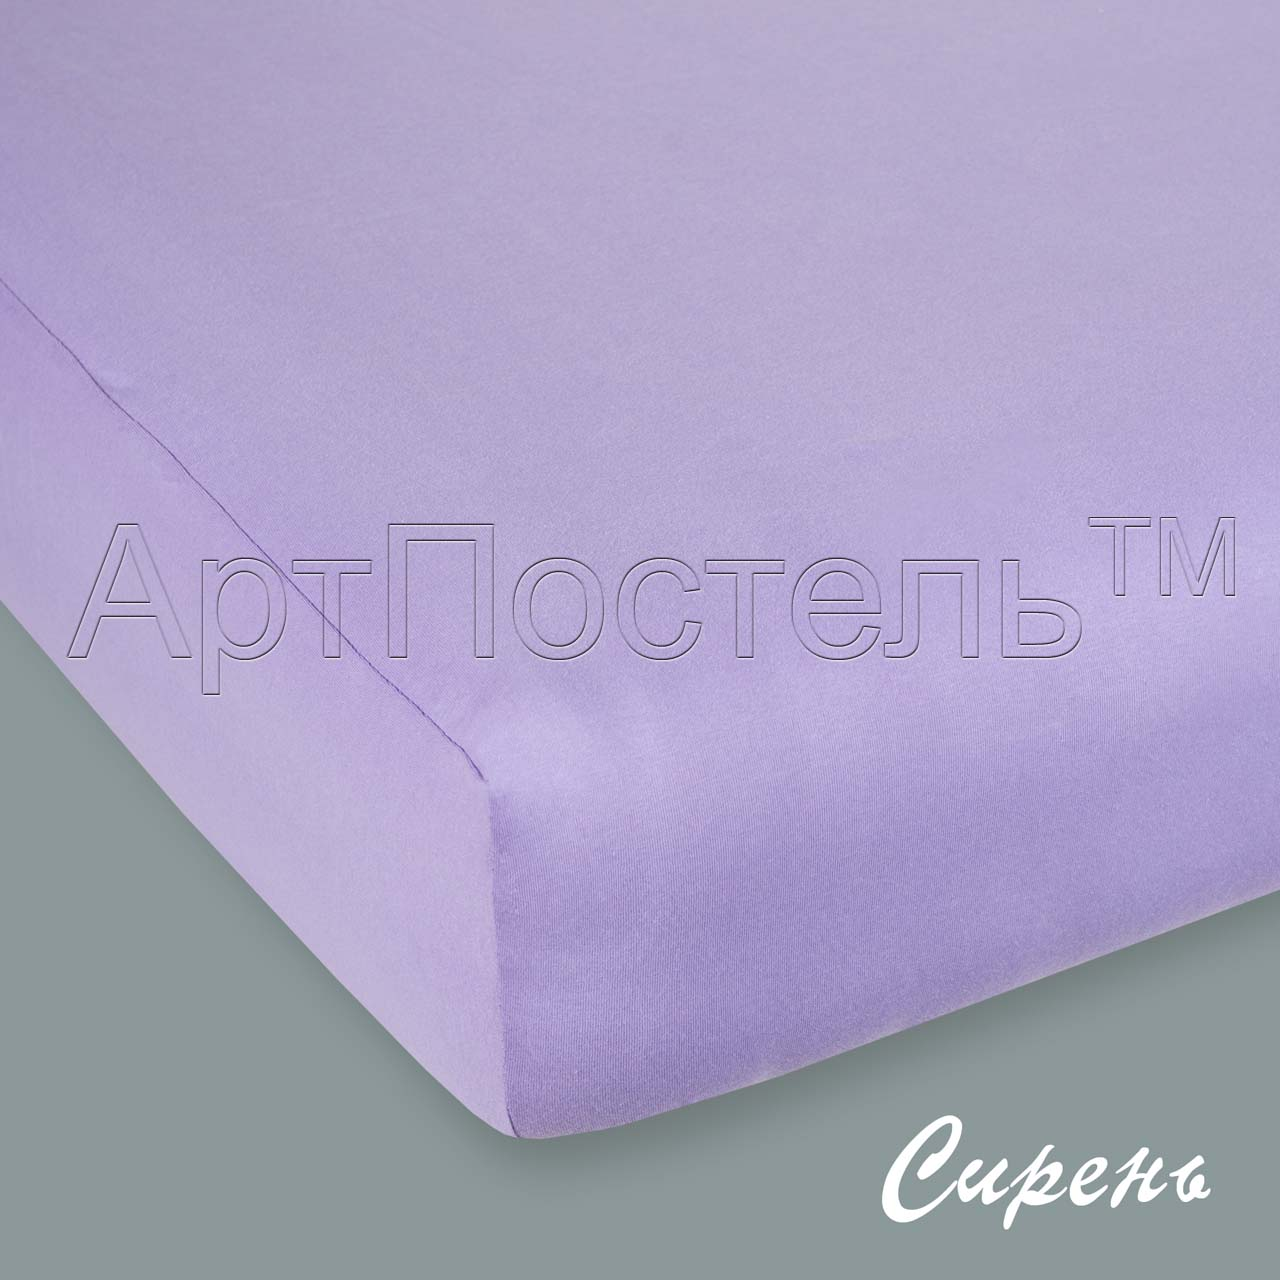 Простыня на резинке Сирень, размер 200х200 смПростыни<br>Плотность ткани: 145 г/кв. м <br>Высота матраса: 20 см<br><br>Тип: Простыня<br>Размер: 200х200<br>Материал: Кулирка